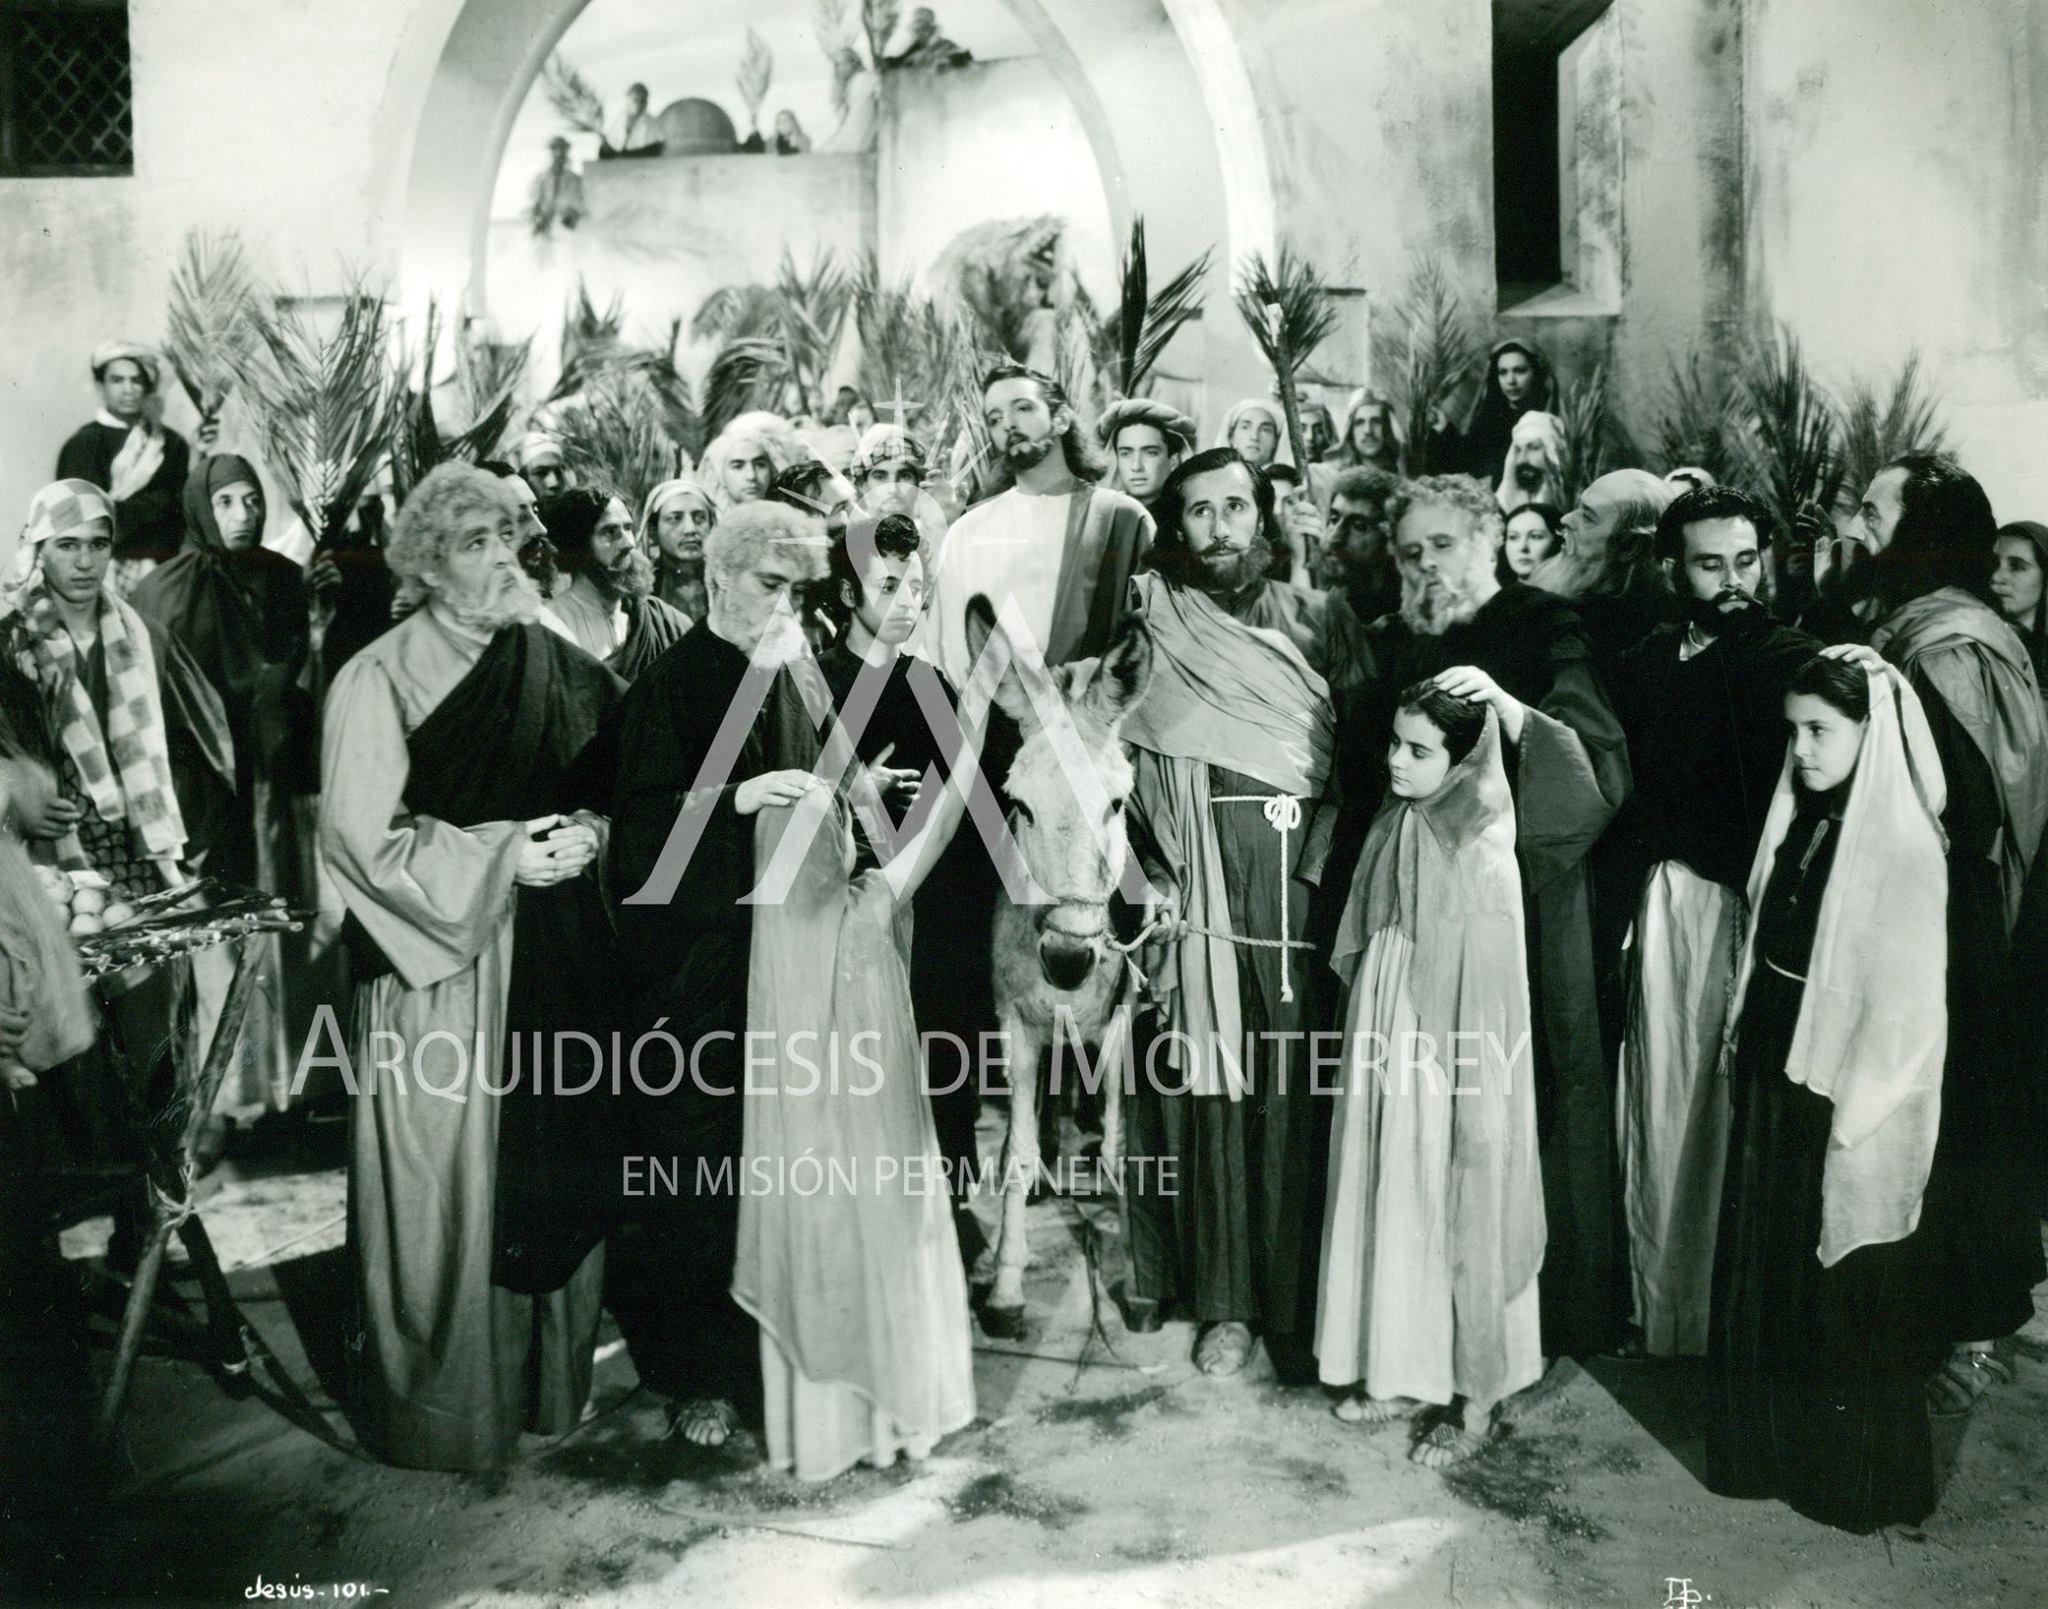 José Cibrián, Enrique García Álvarez, Ramón G. Larrea, Francisco Reiguera, Manuel Santamaría, and Armando Velasco in Jesús de Nazareth (1942)